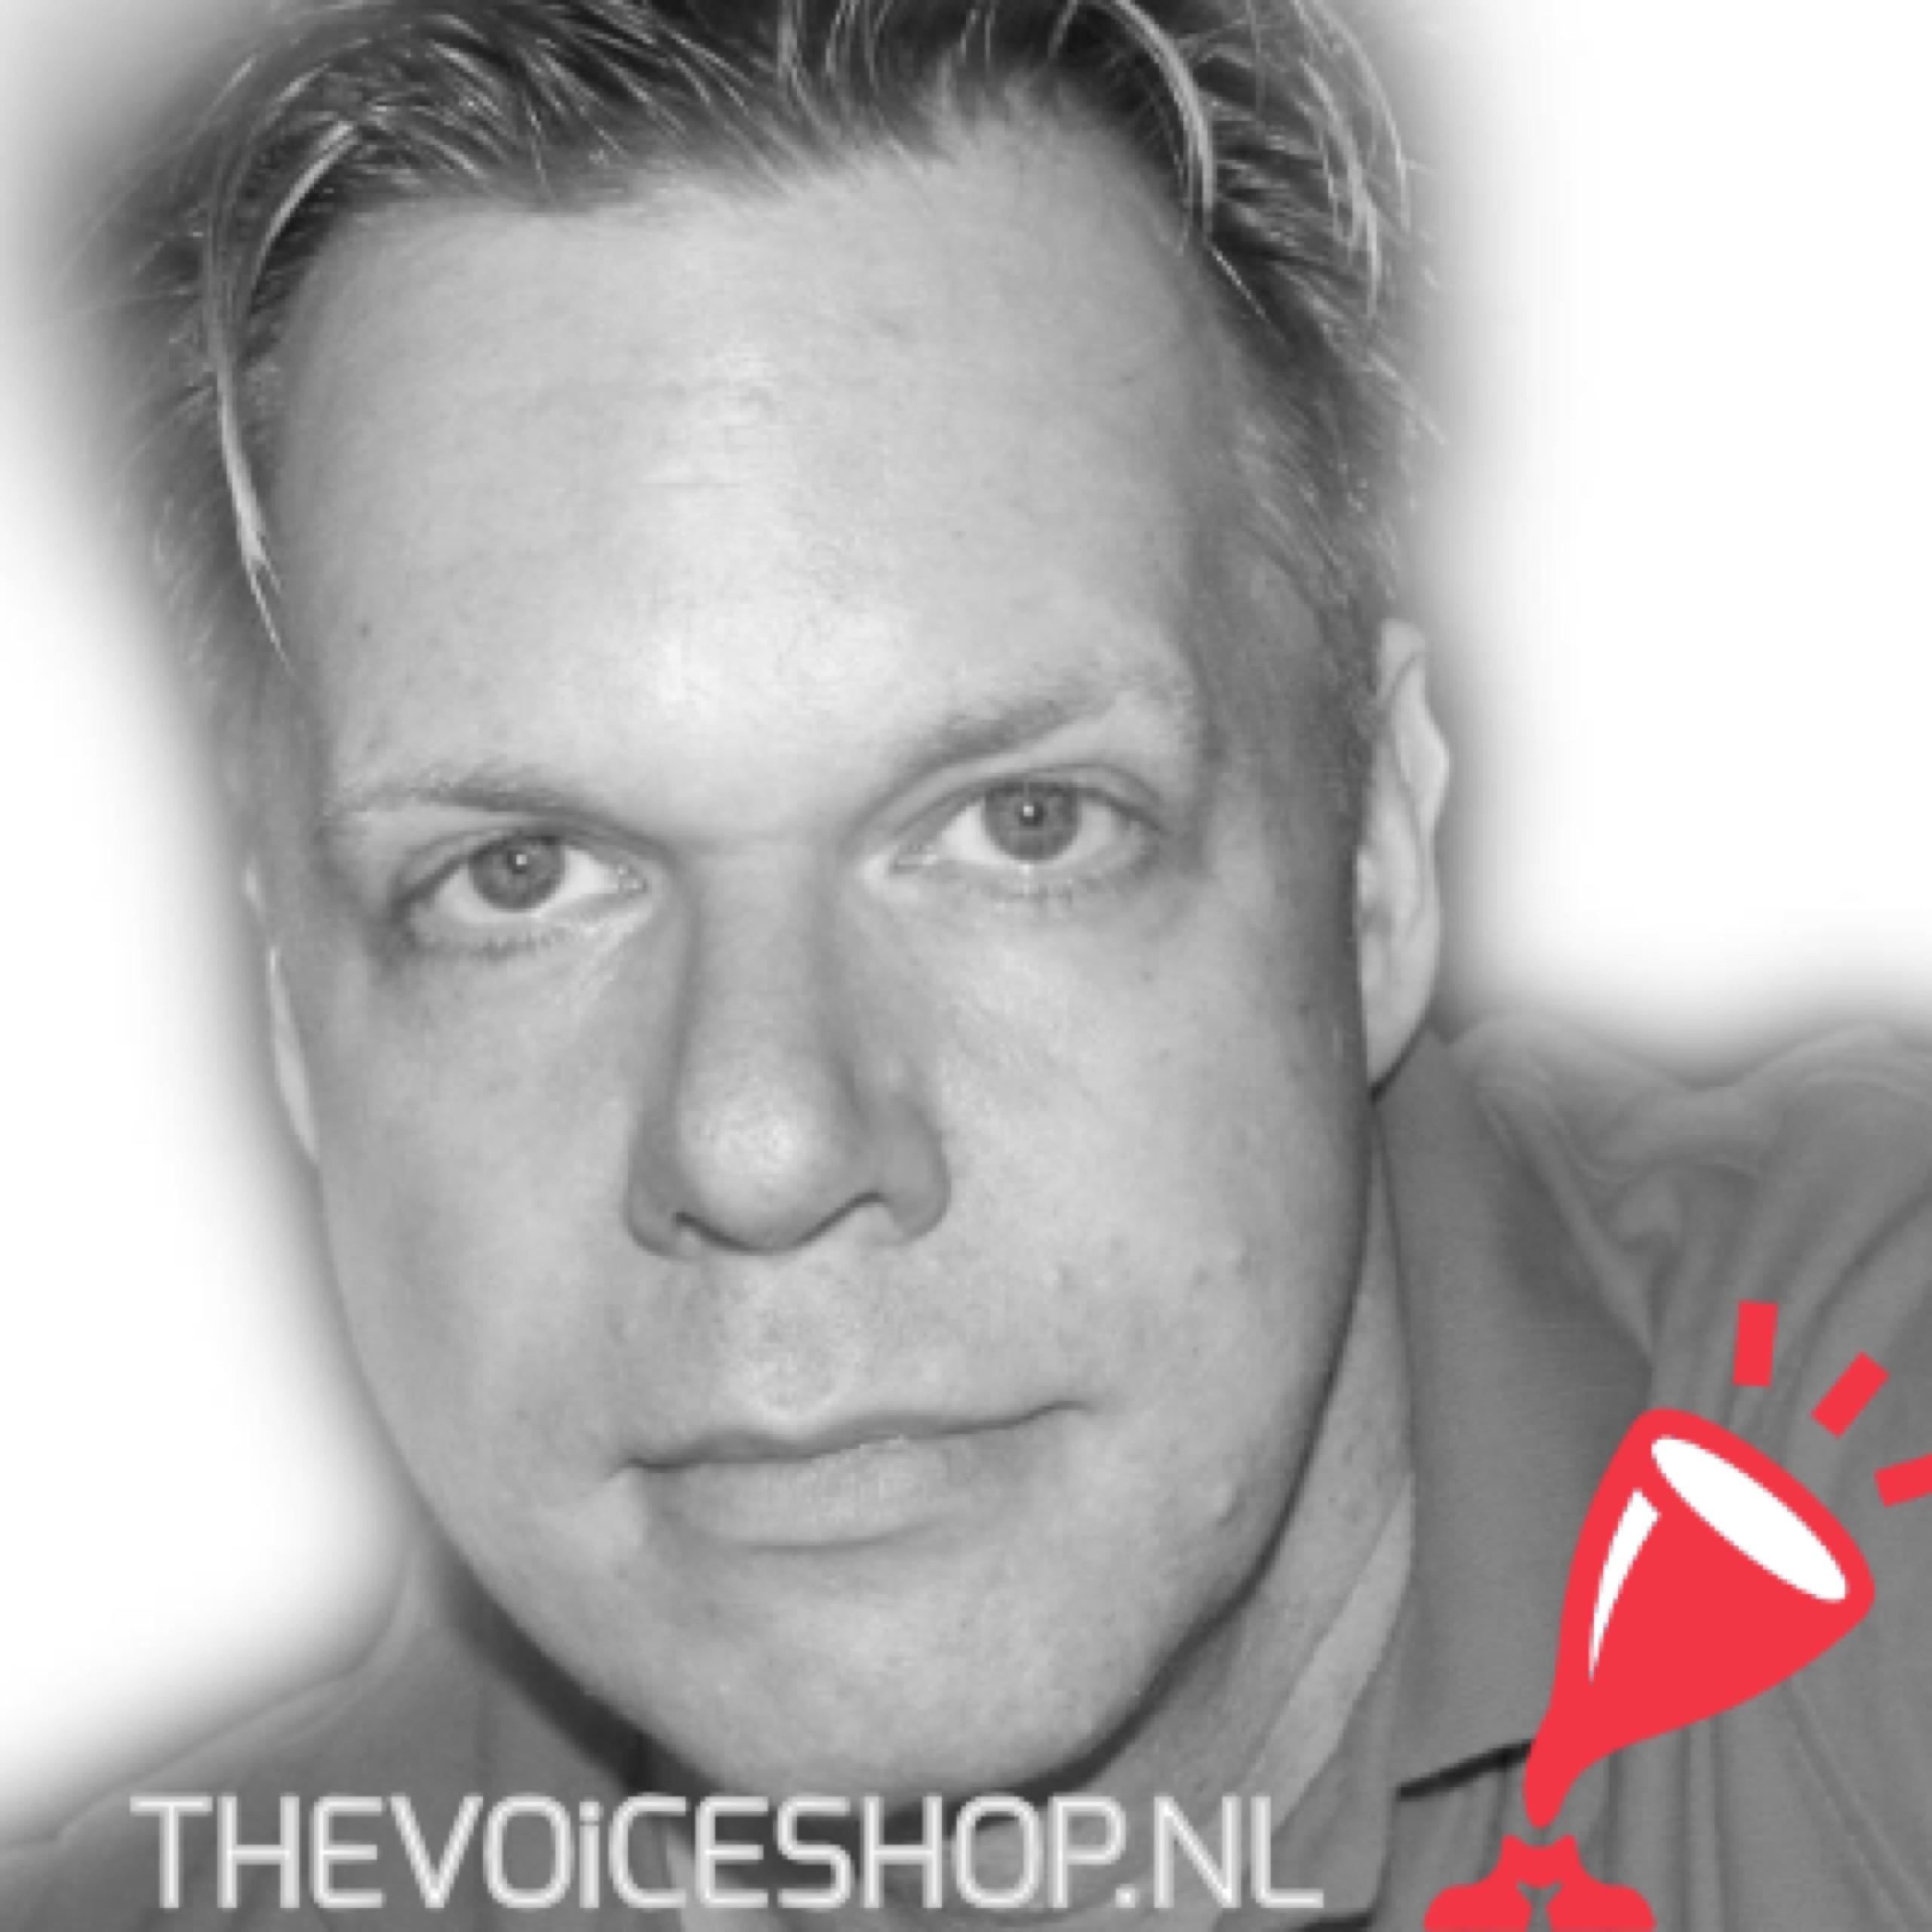 Zware Nederlandse mannenstem, voice-over voor movie trailer